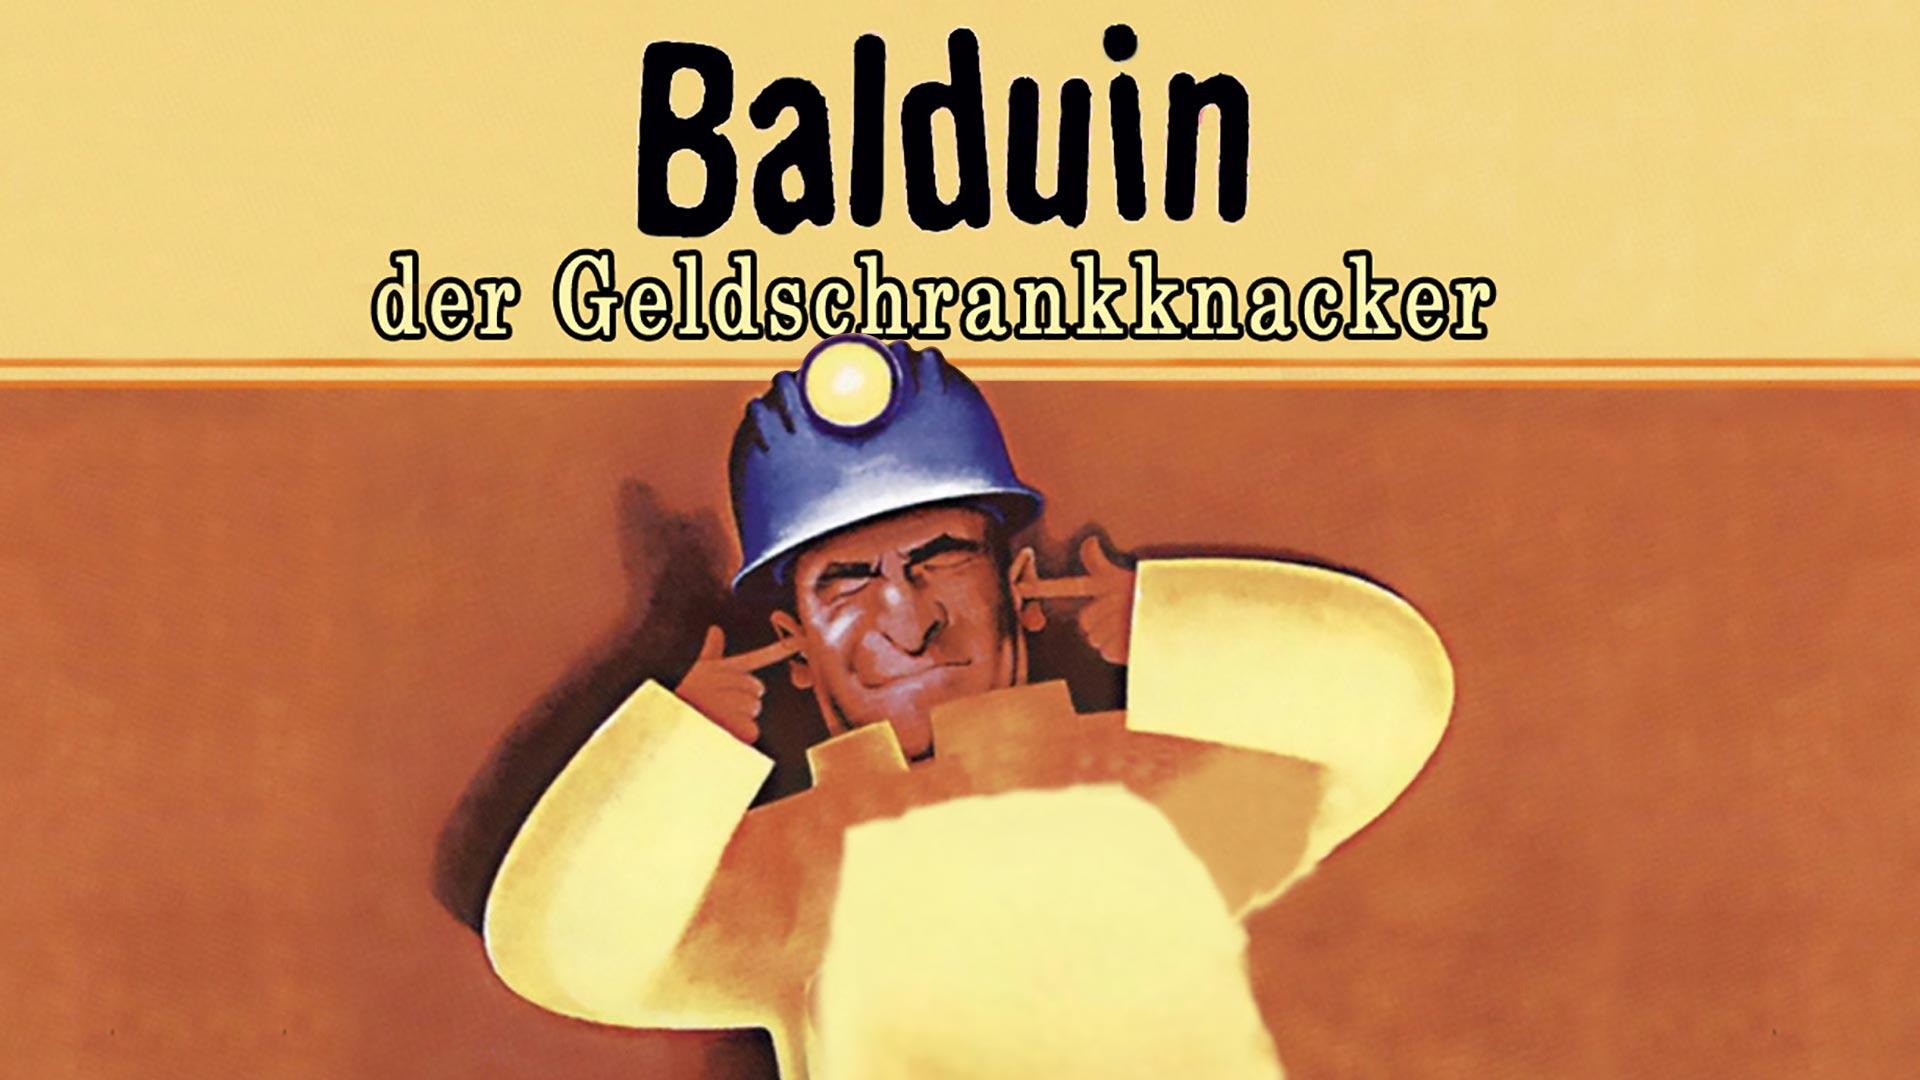 Balduin, der Geldschrankknacker